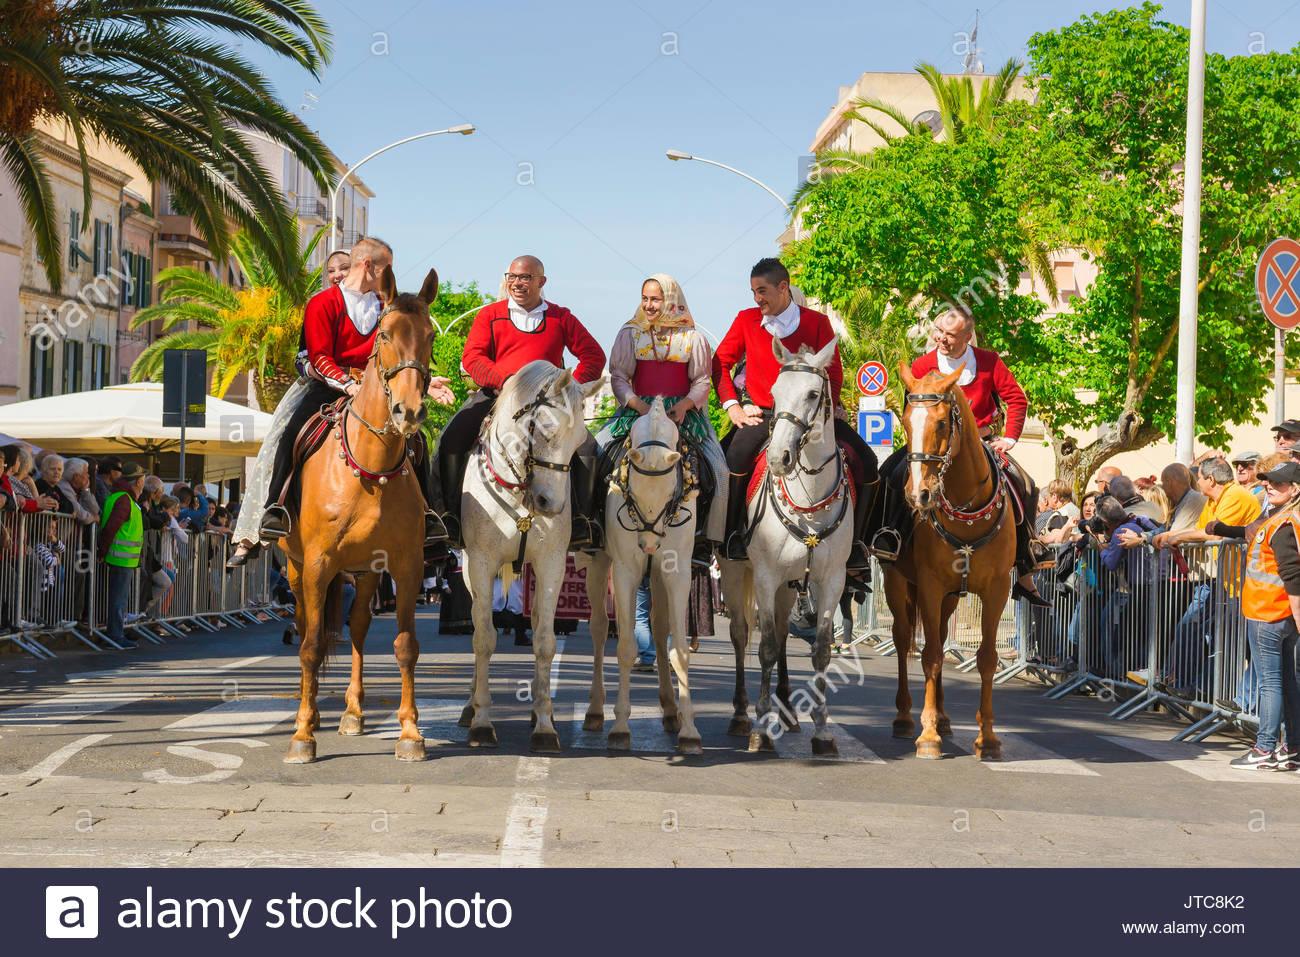 Festival de la Sardaigne, au cours de la Cavalcata la Cavalcata sardes festival en costume local ride leurs chevaux dans la grande procession dans Sassari. Photo Stock